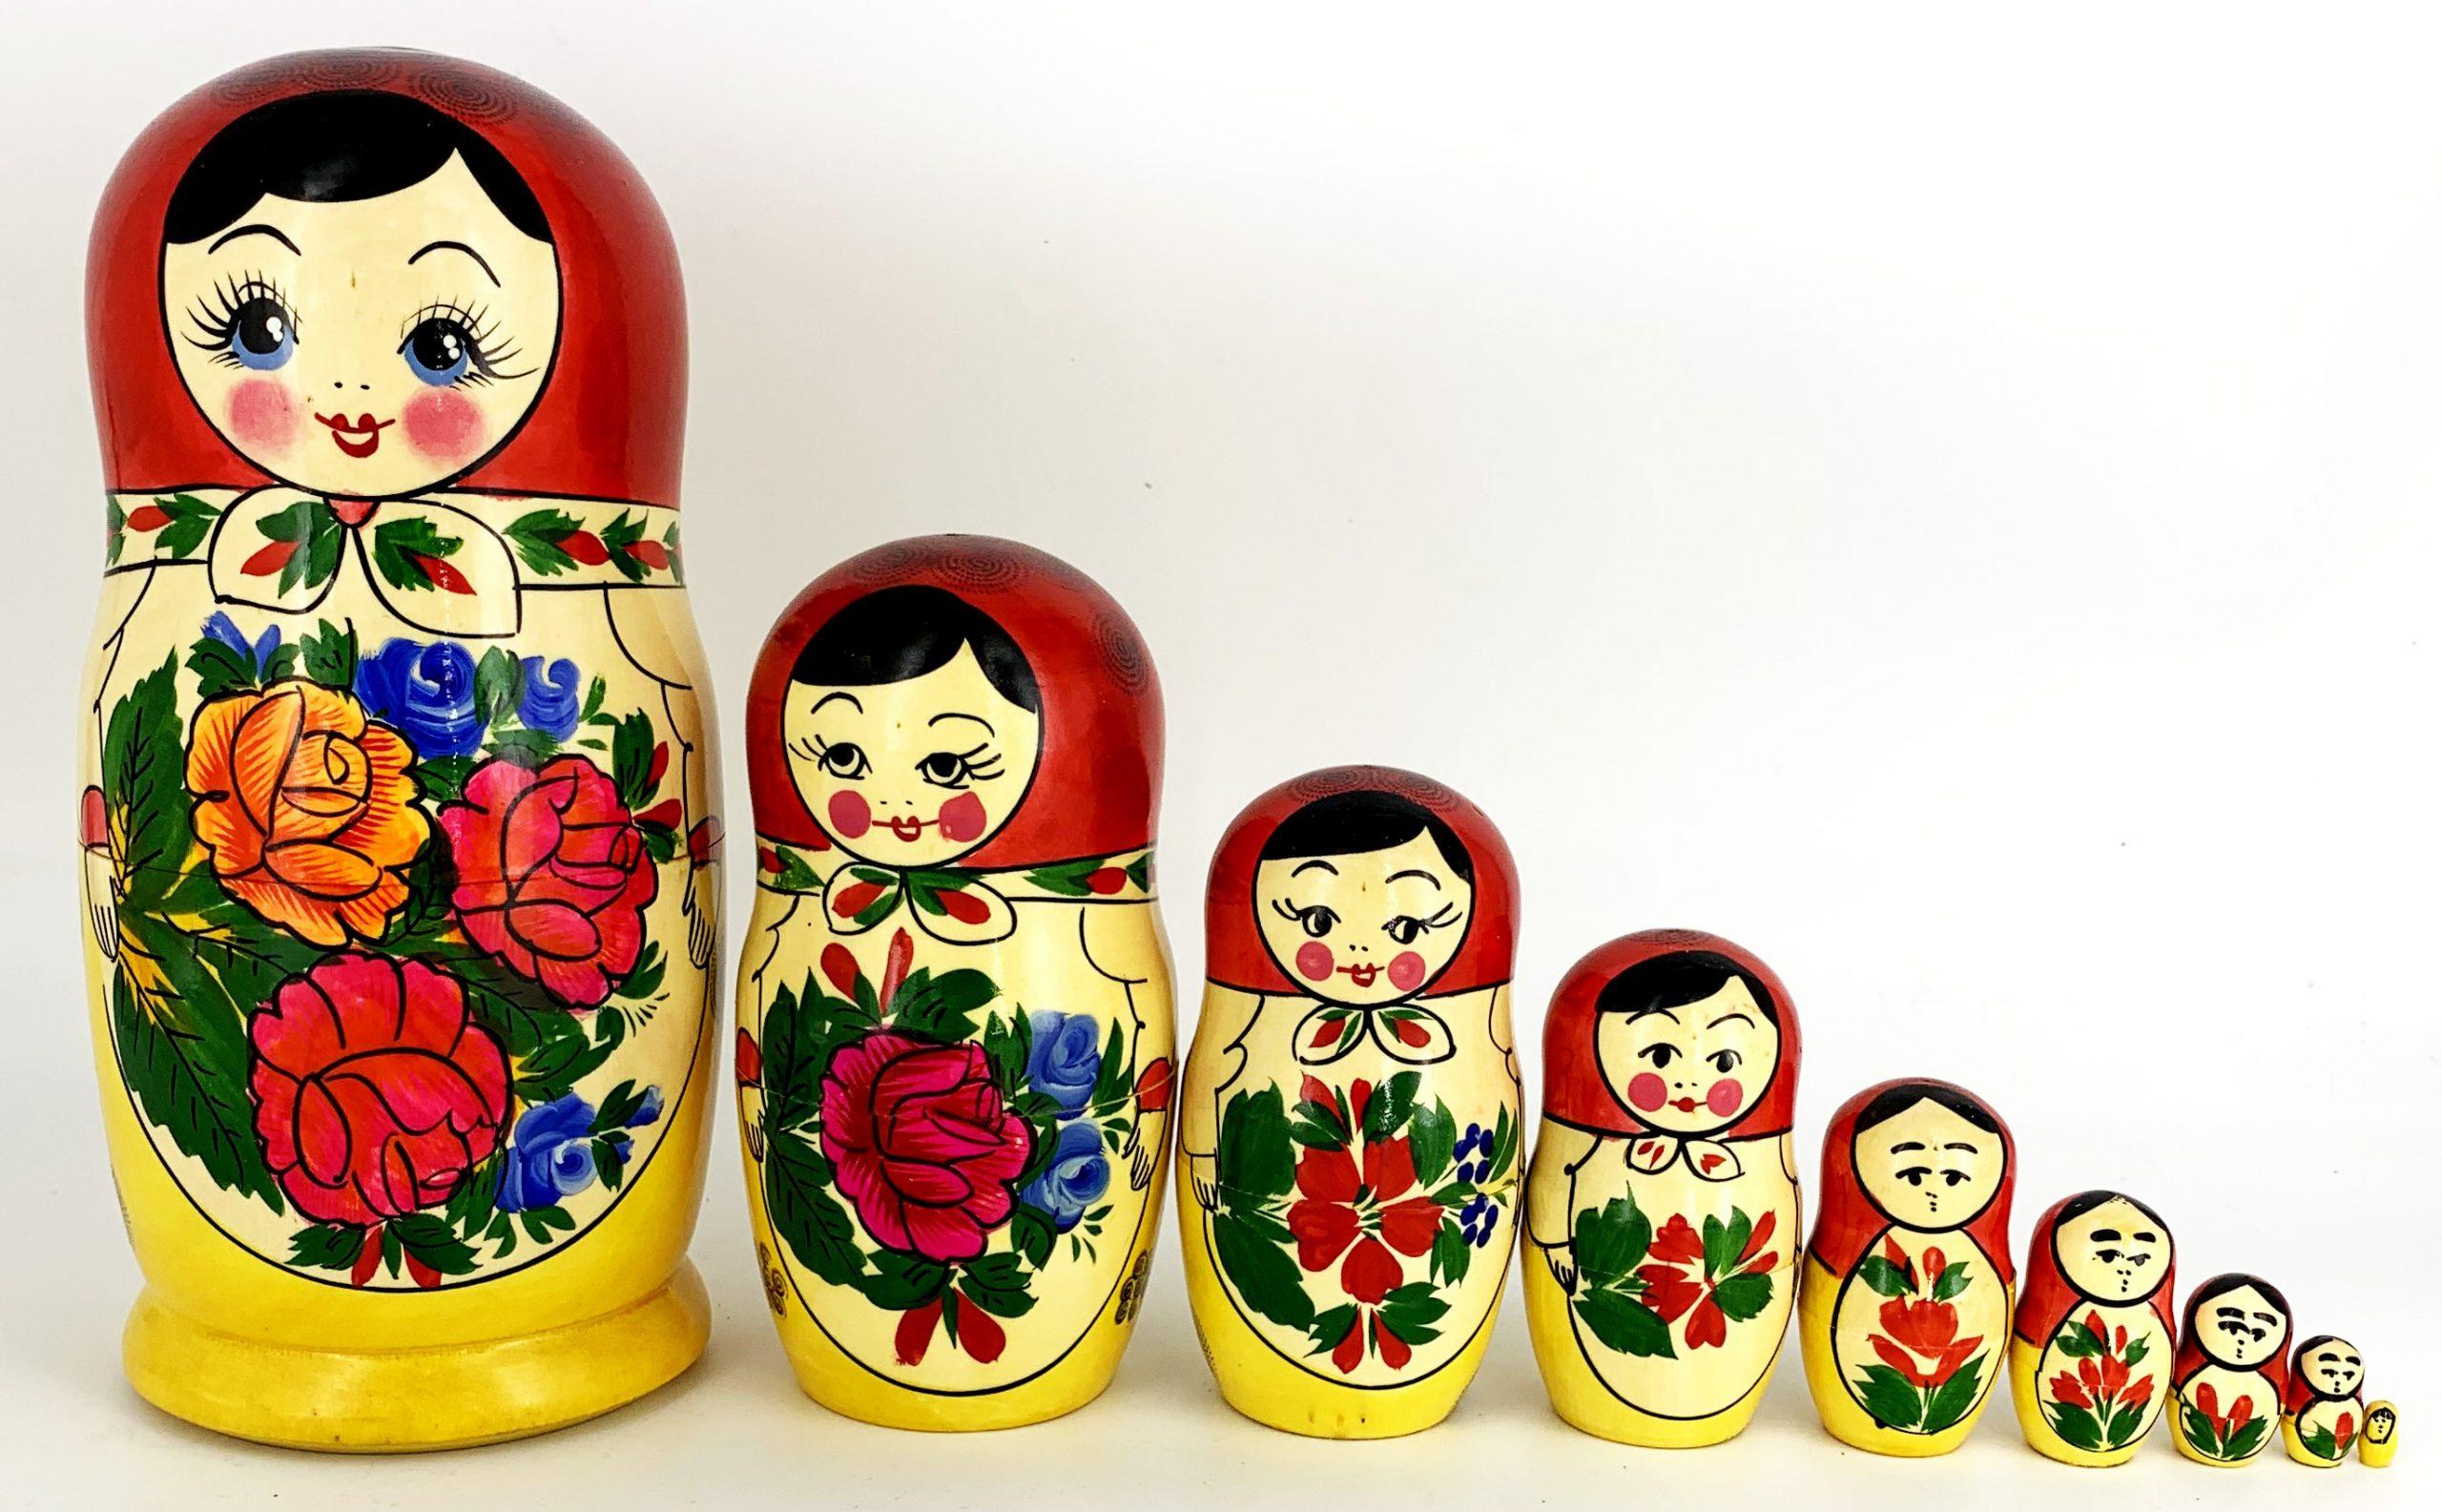 Poupée Russe Traditionnelle 9 Pcs. - Tendance Russe pour Nom Poupée Russe